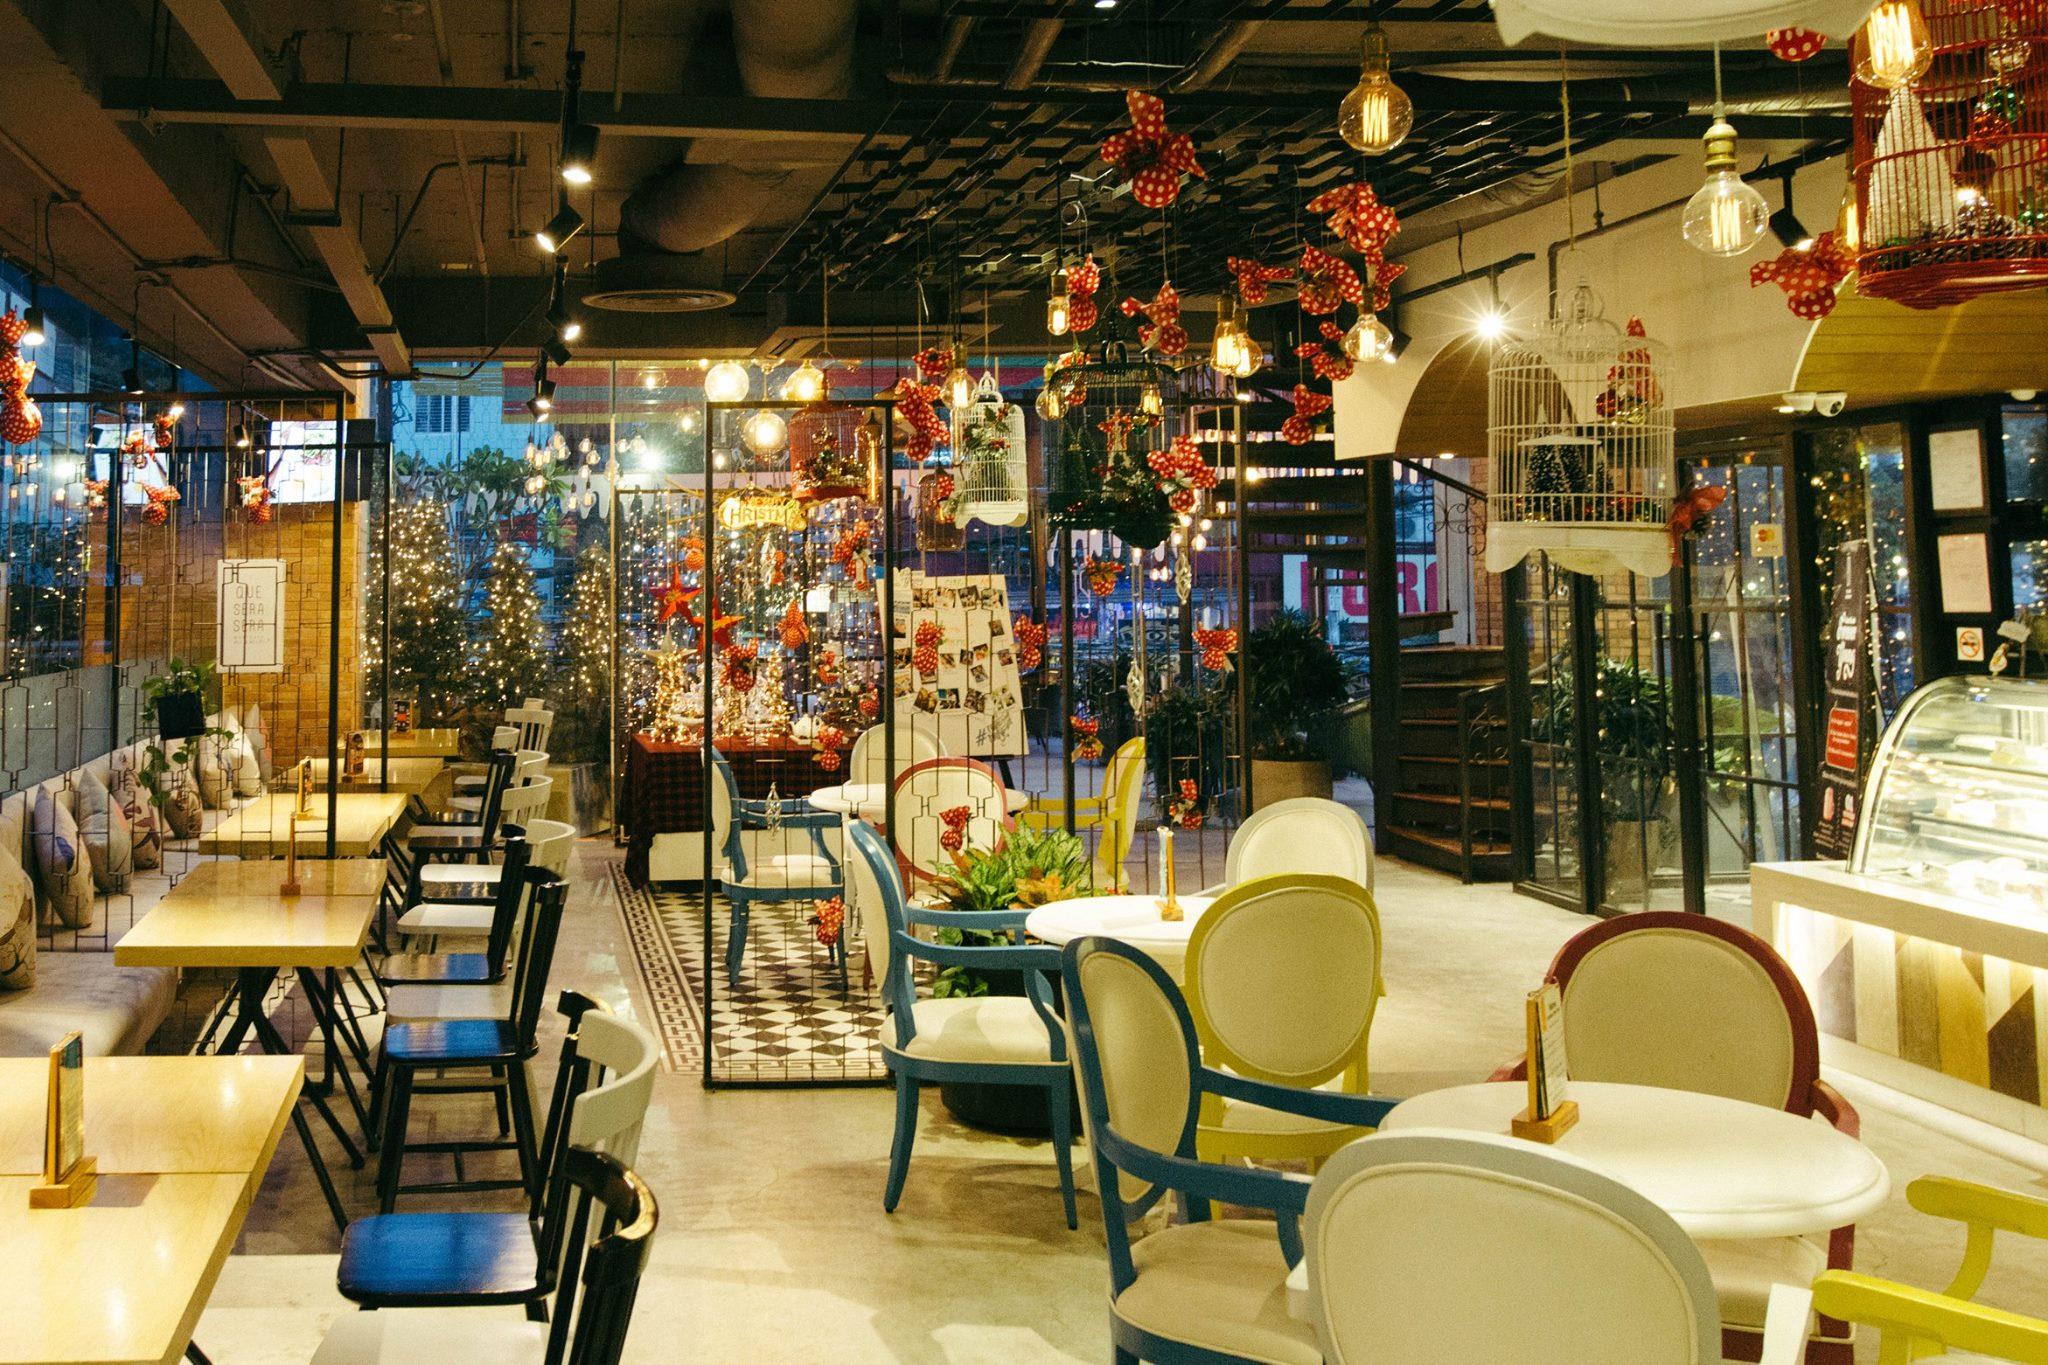 5 quán cà phê sân vườn thích hợp làm địa điểm họp lớp ngày 20/11 ở TP HCM - Ảnh 18.